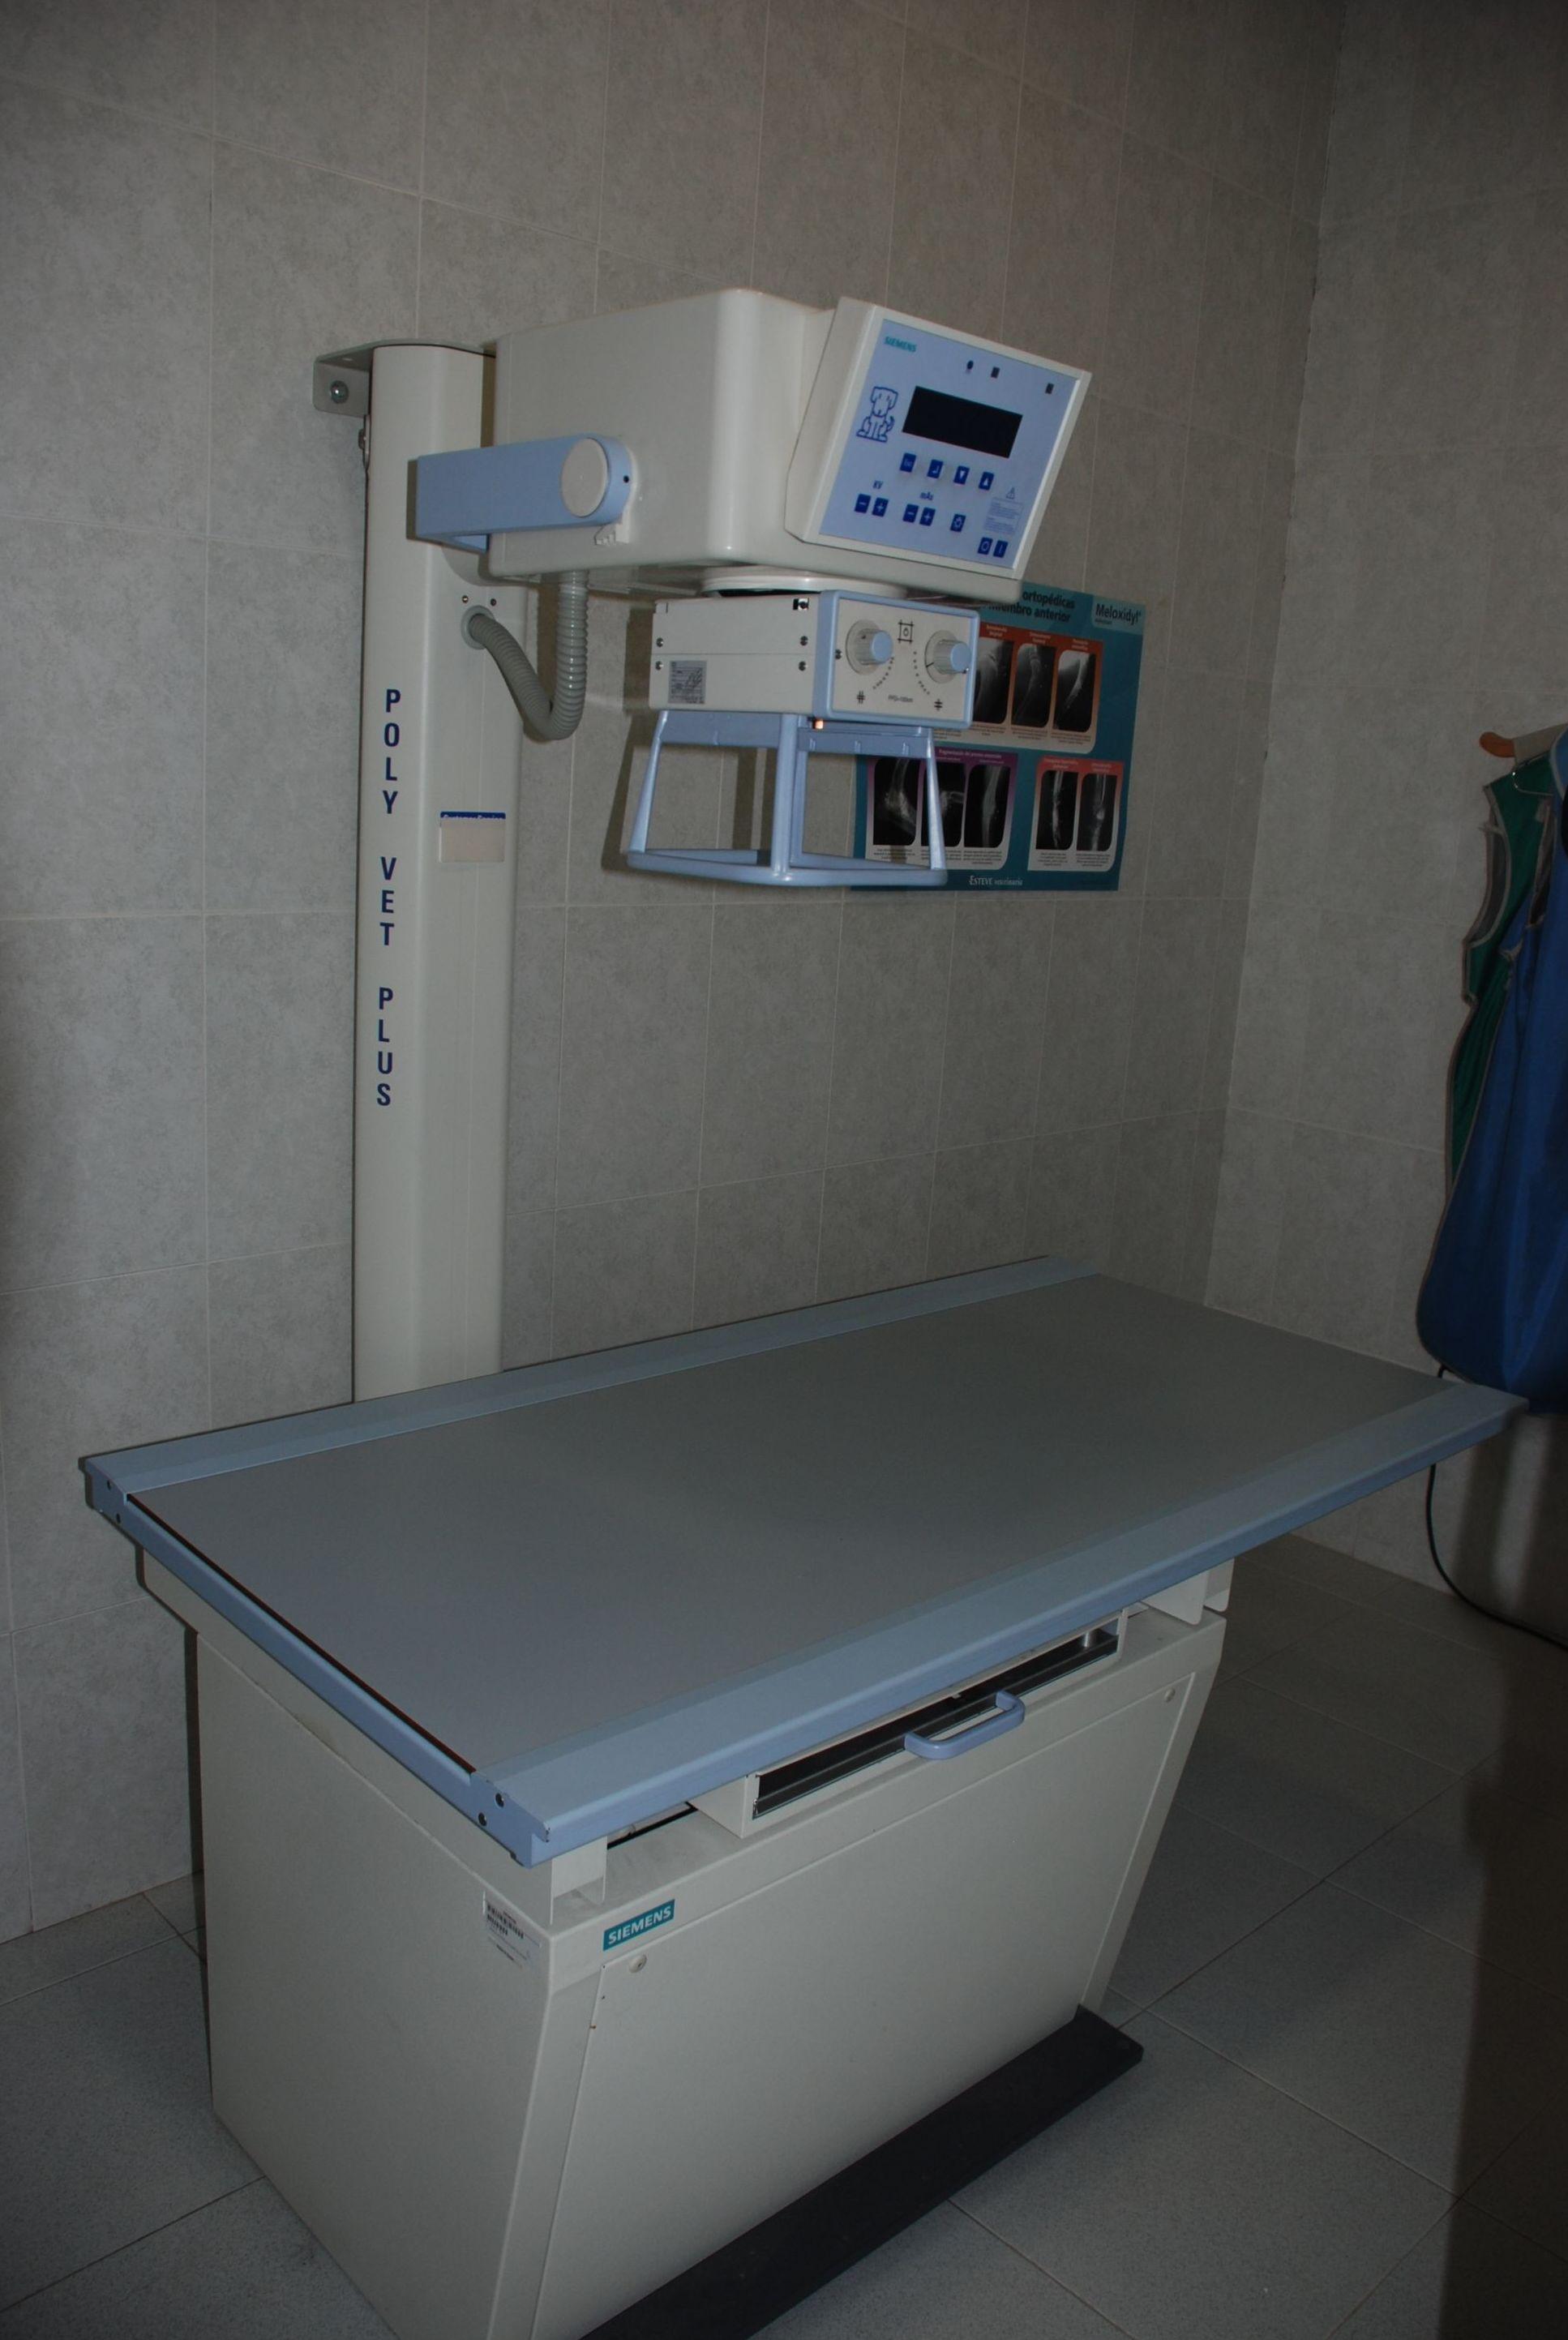 rayos X  Mostoles http://www.veterinariosmostoles.com/es/